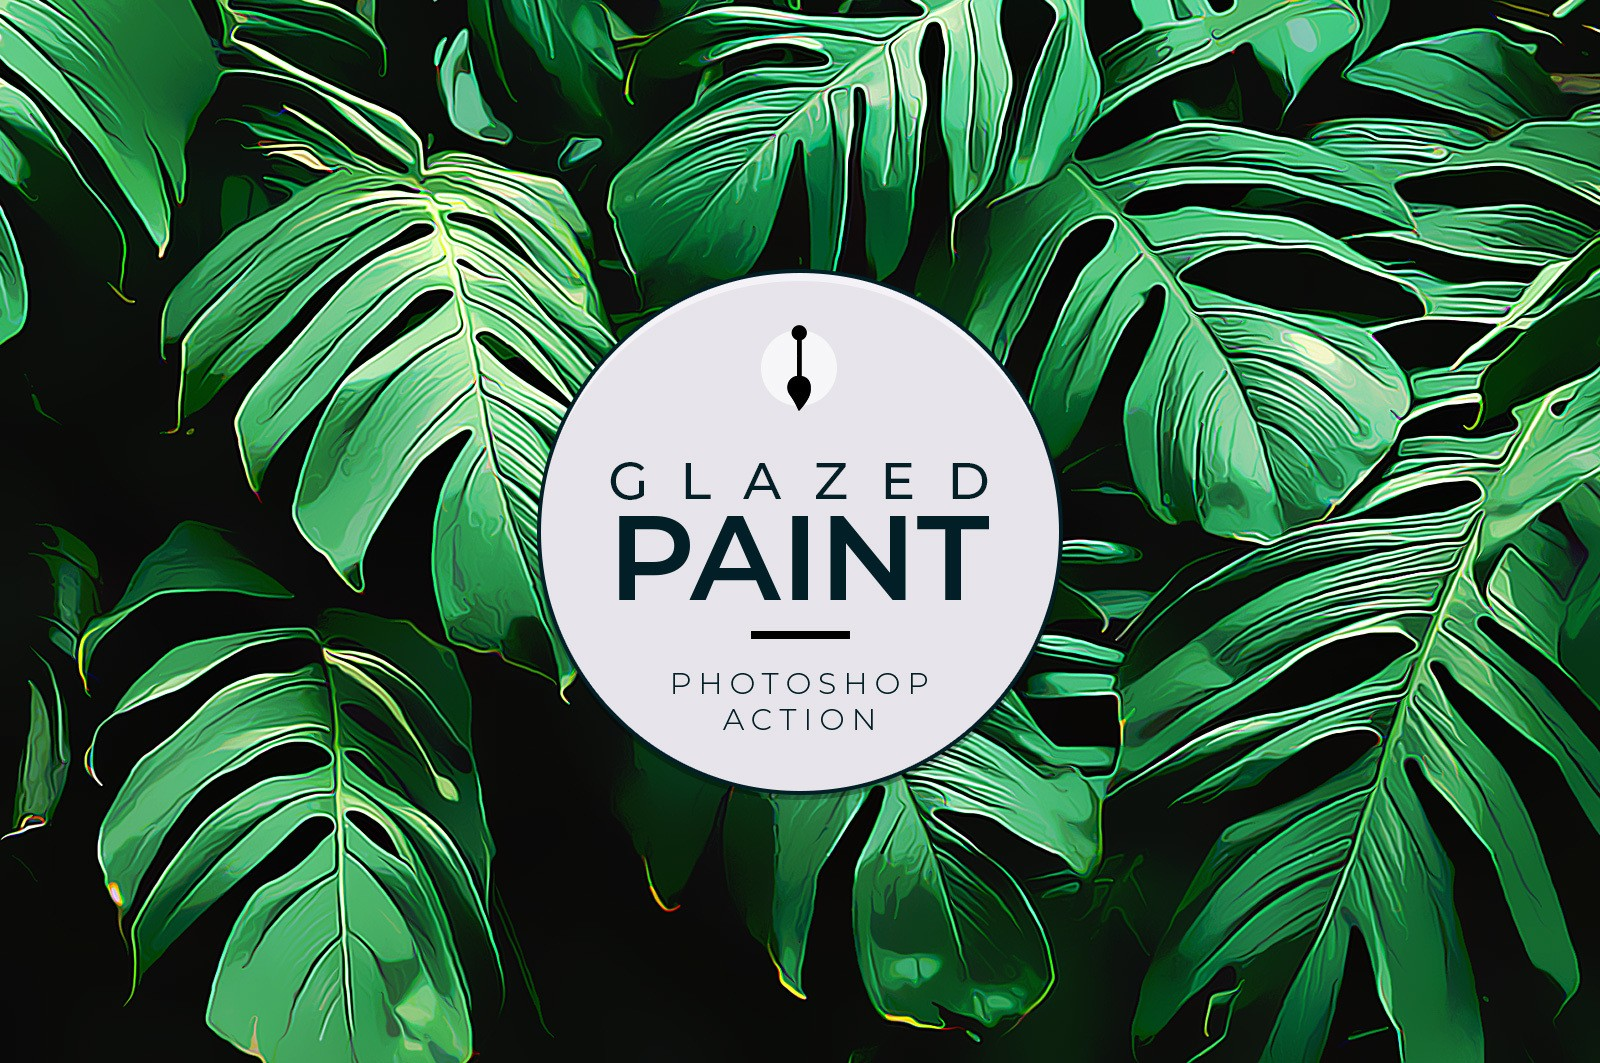 Glazed Paint Photoshop Action